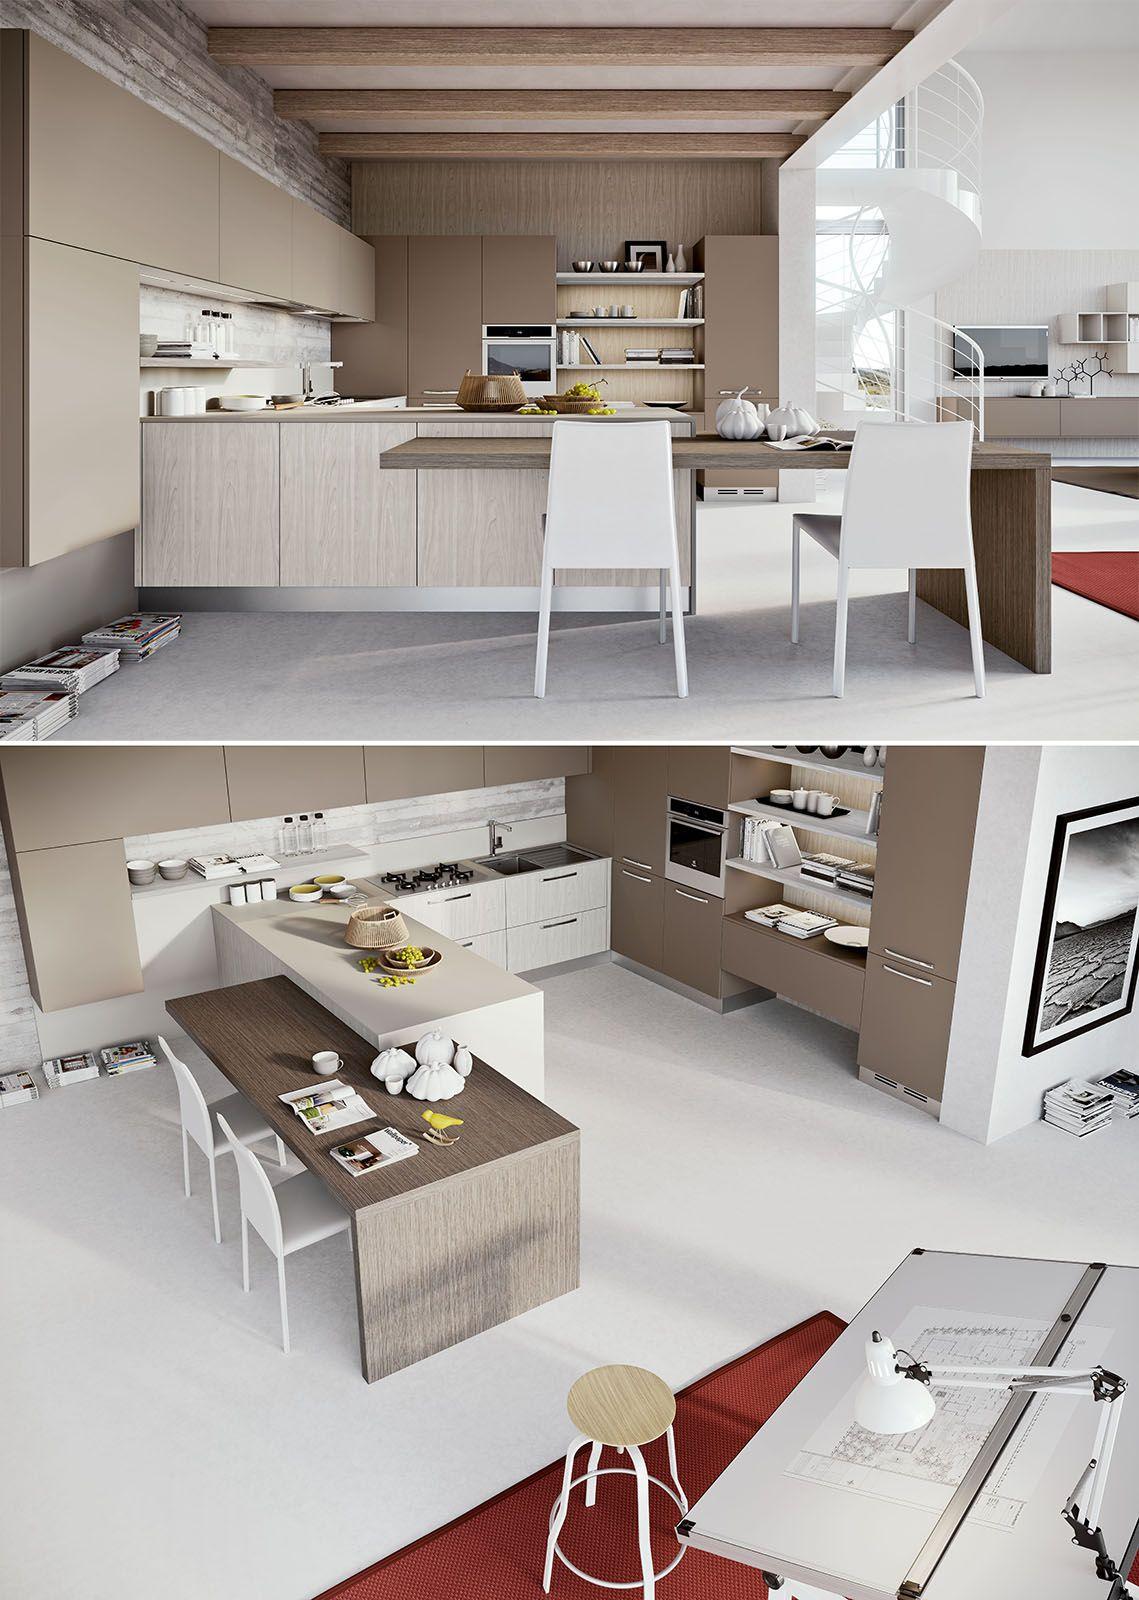 Cucine: funzionalità al primo prezzo   Cucine, Cucina e Arredamento